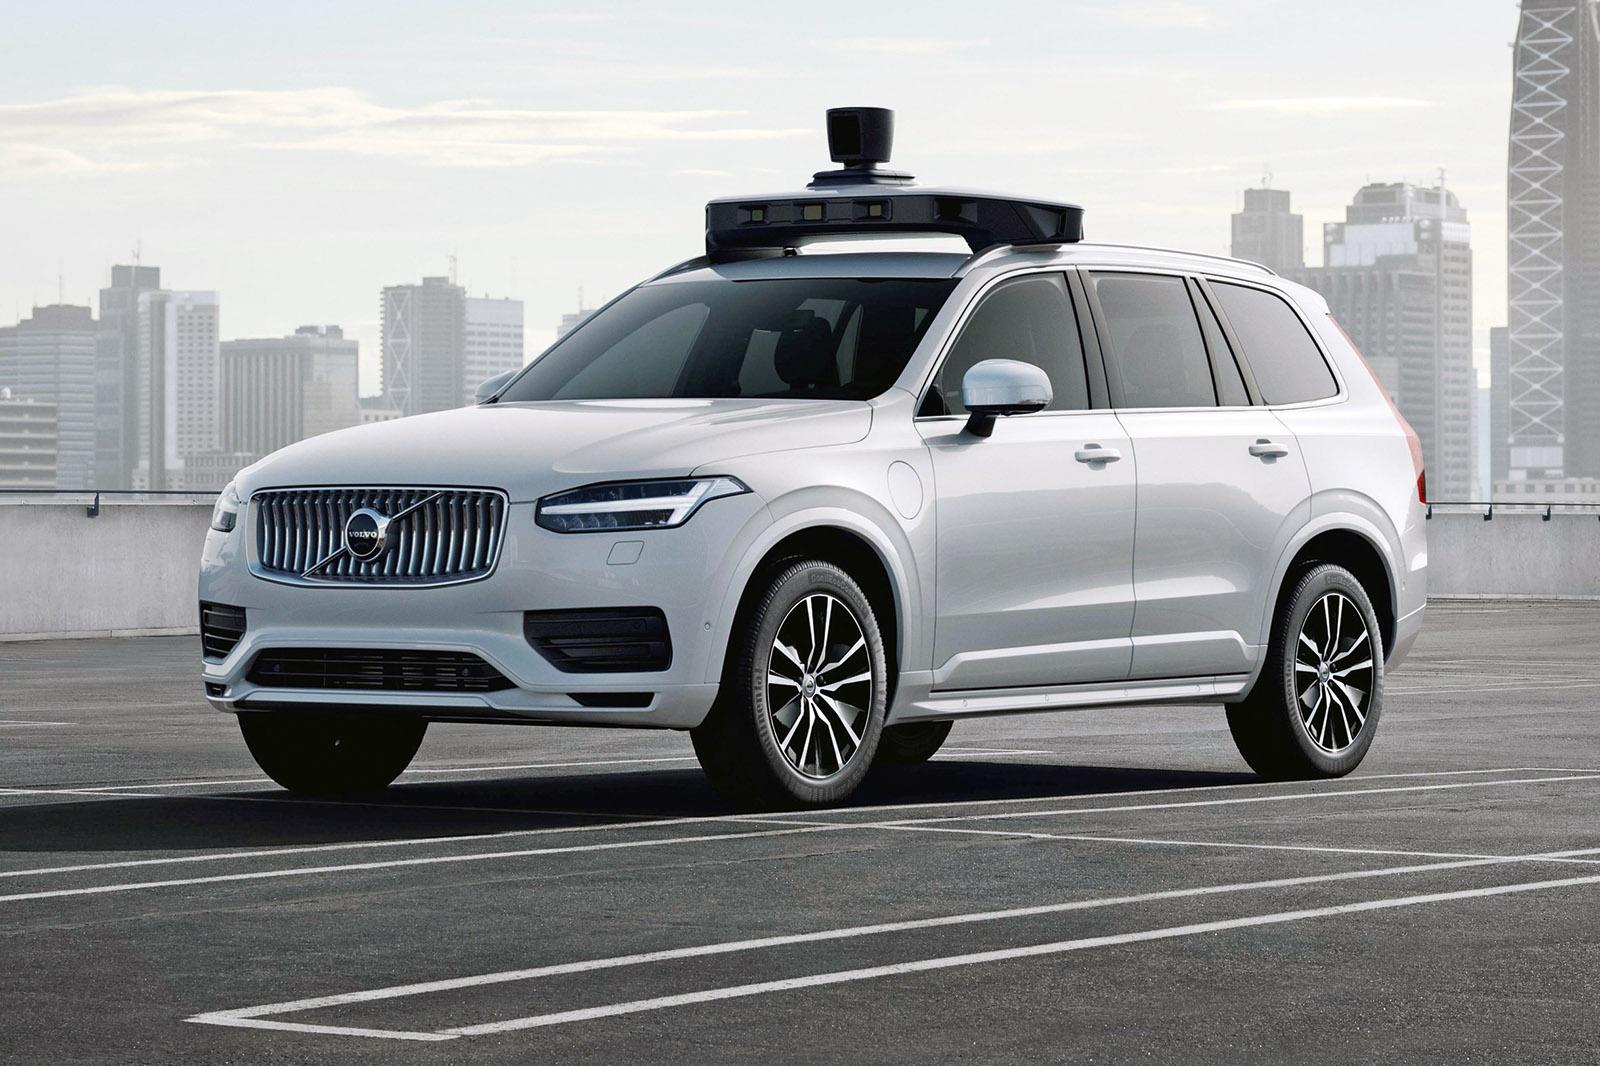 Ipari kémkedésen kapták a Volvo egyik üzleti tanácsadóját